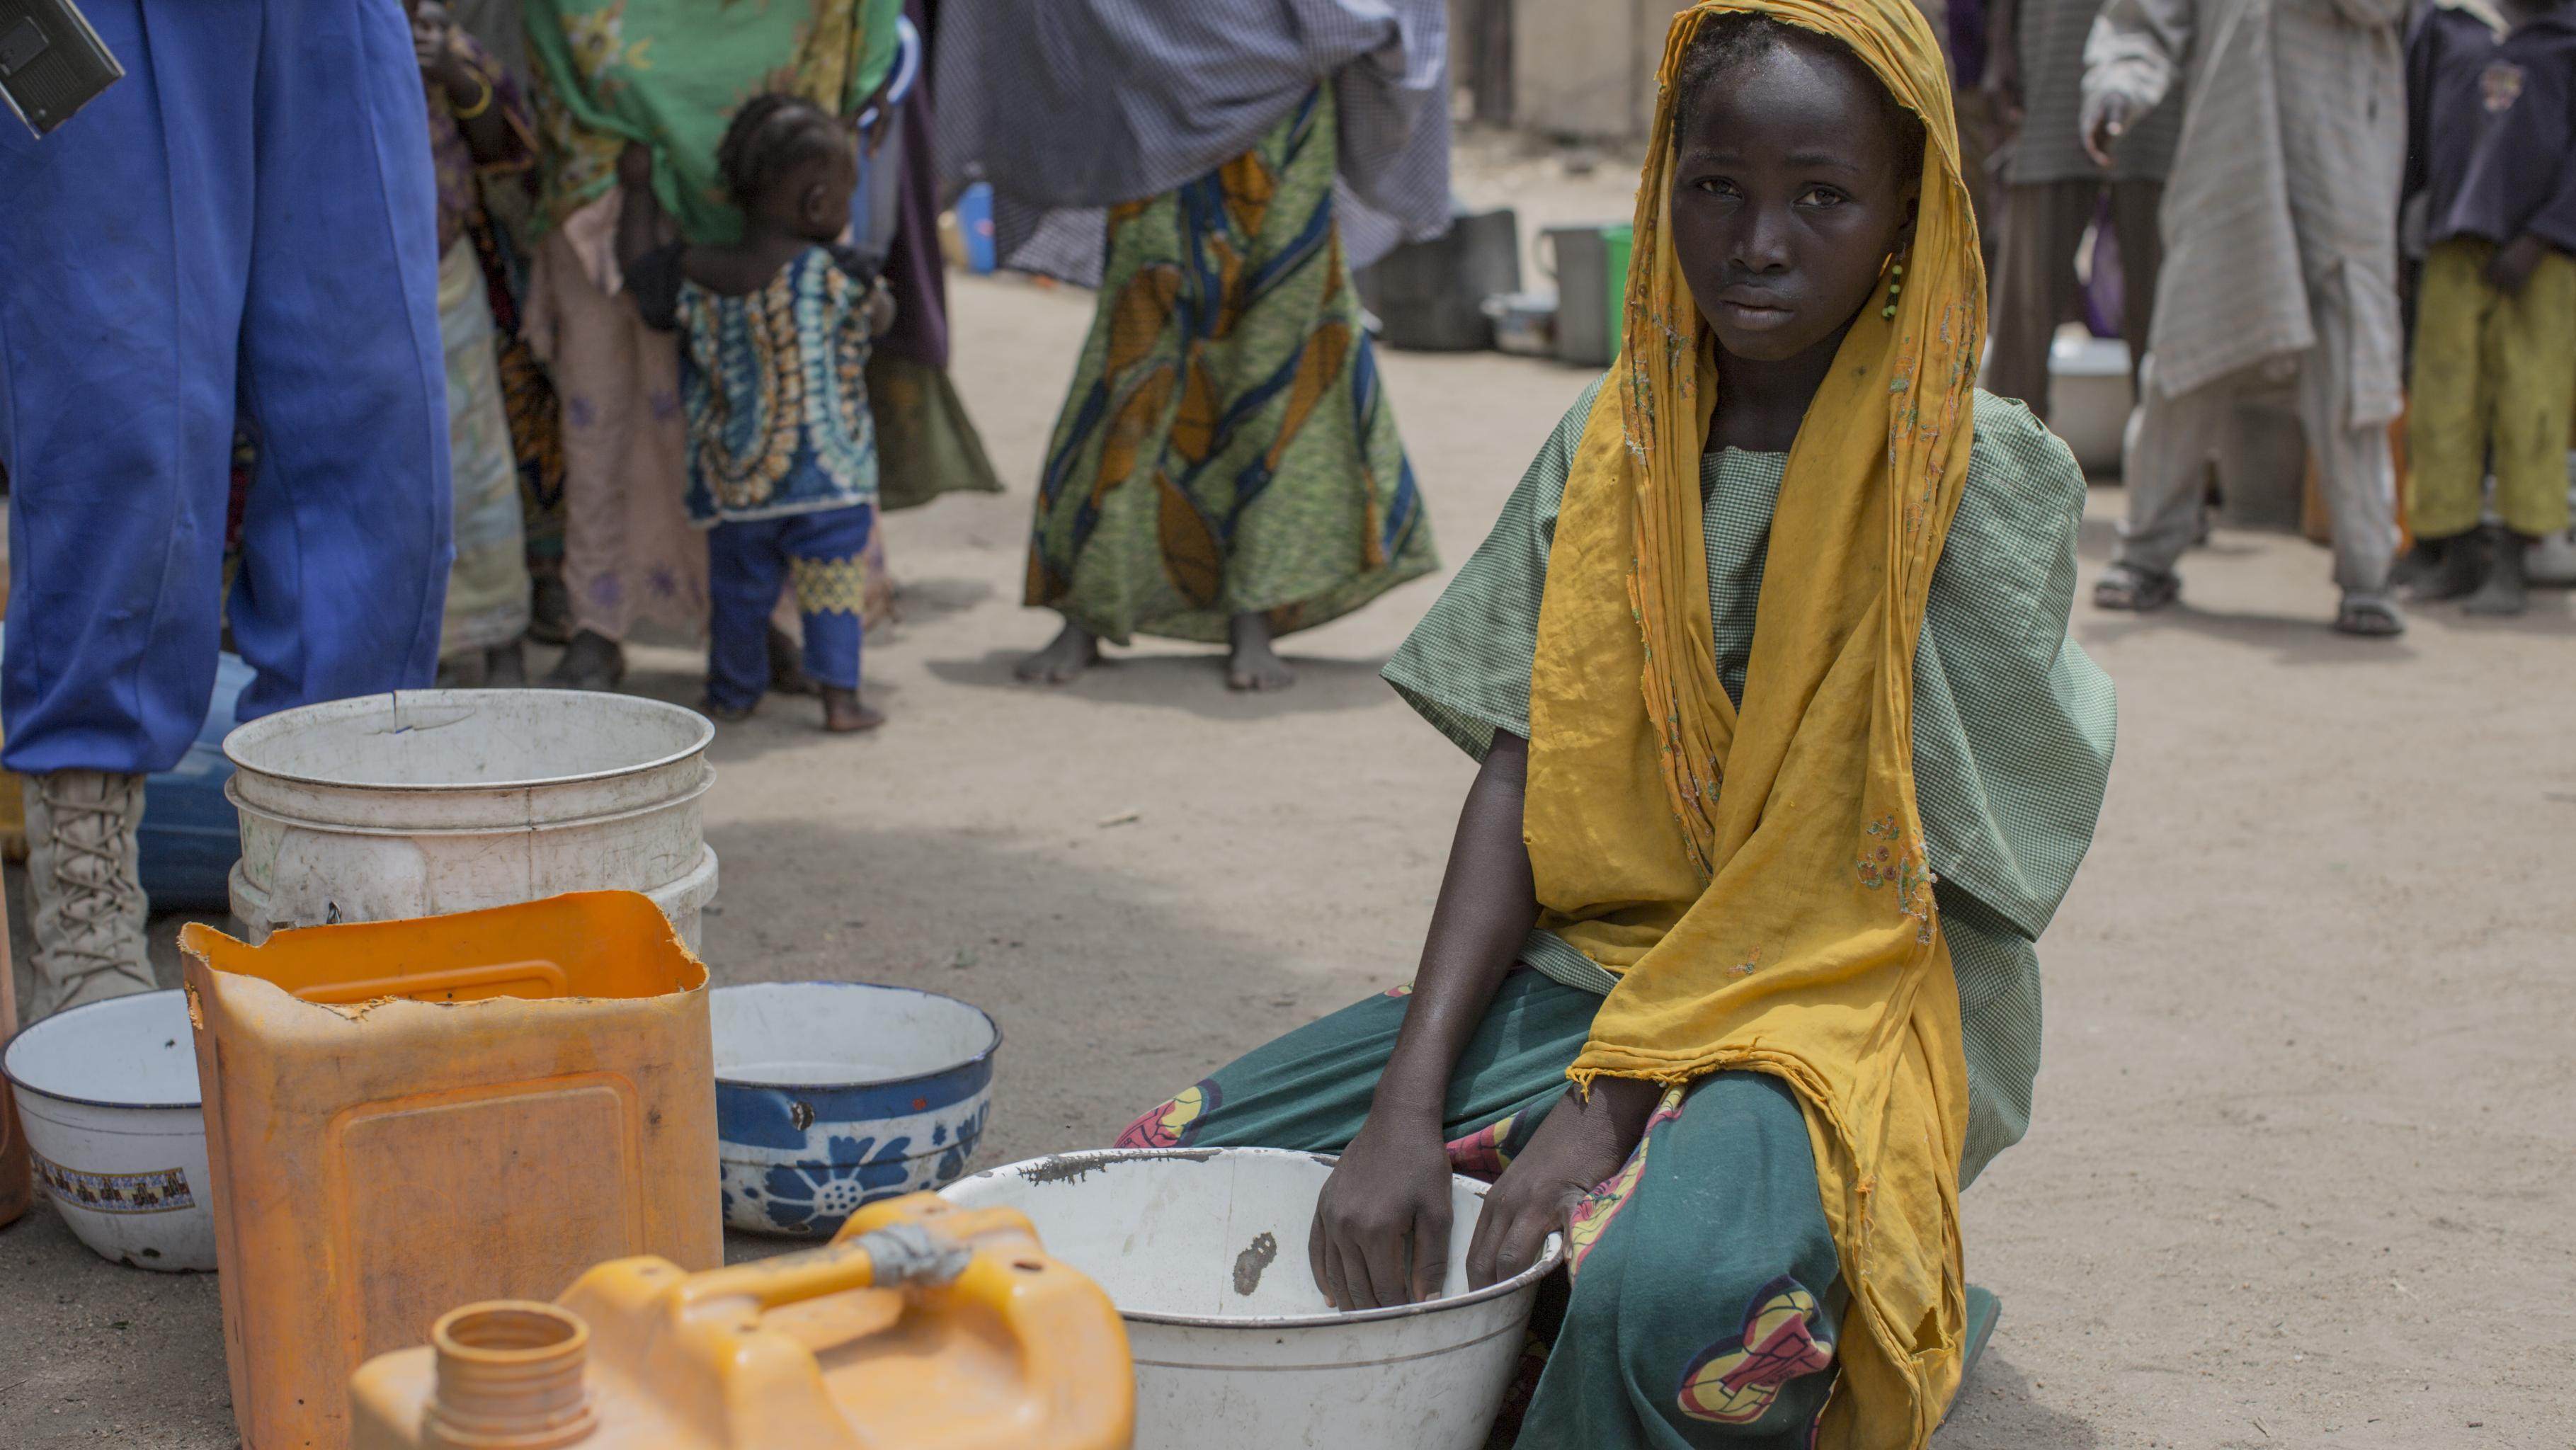 Ein Mädchen sitzt mit Wasserbehältern auf dem Boden.